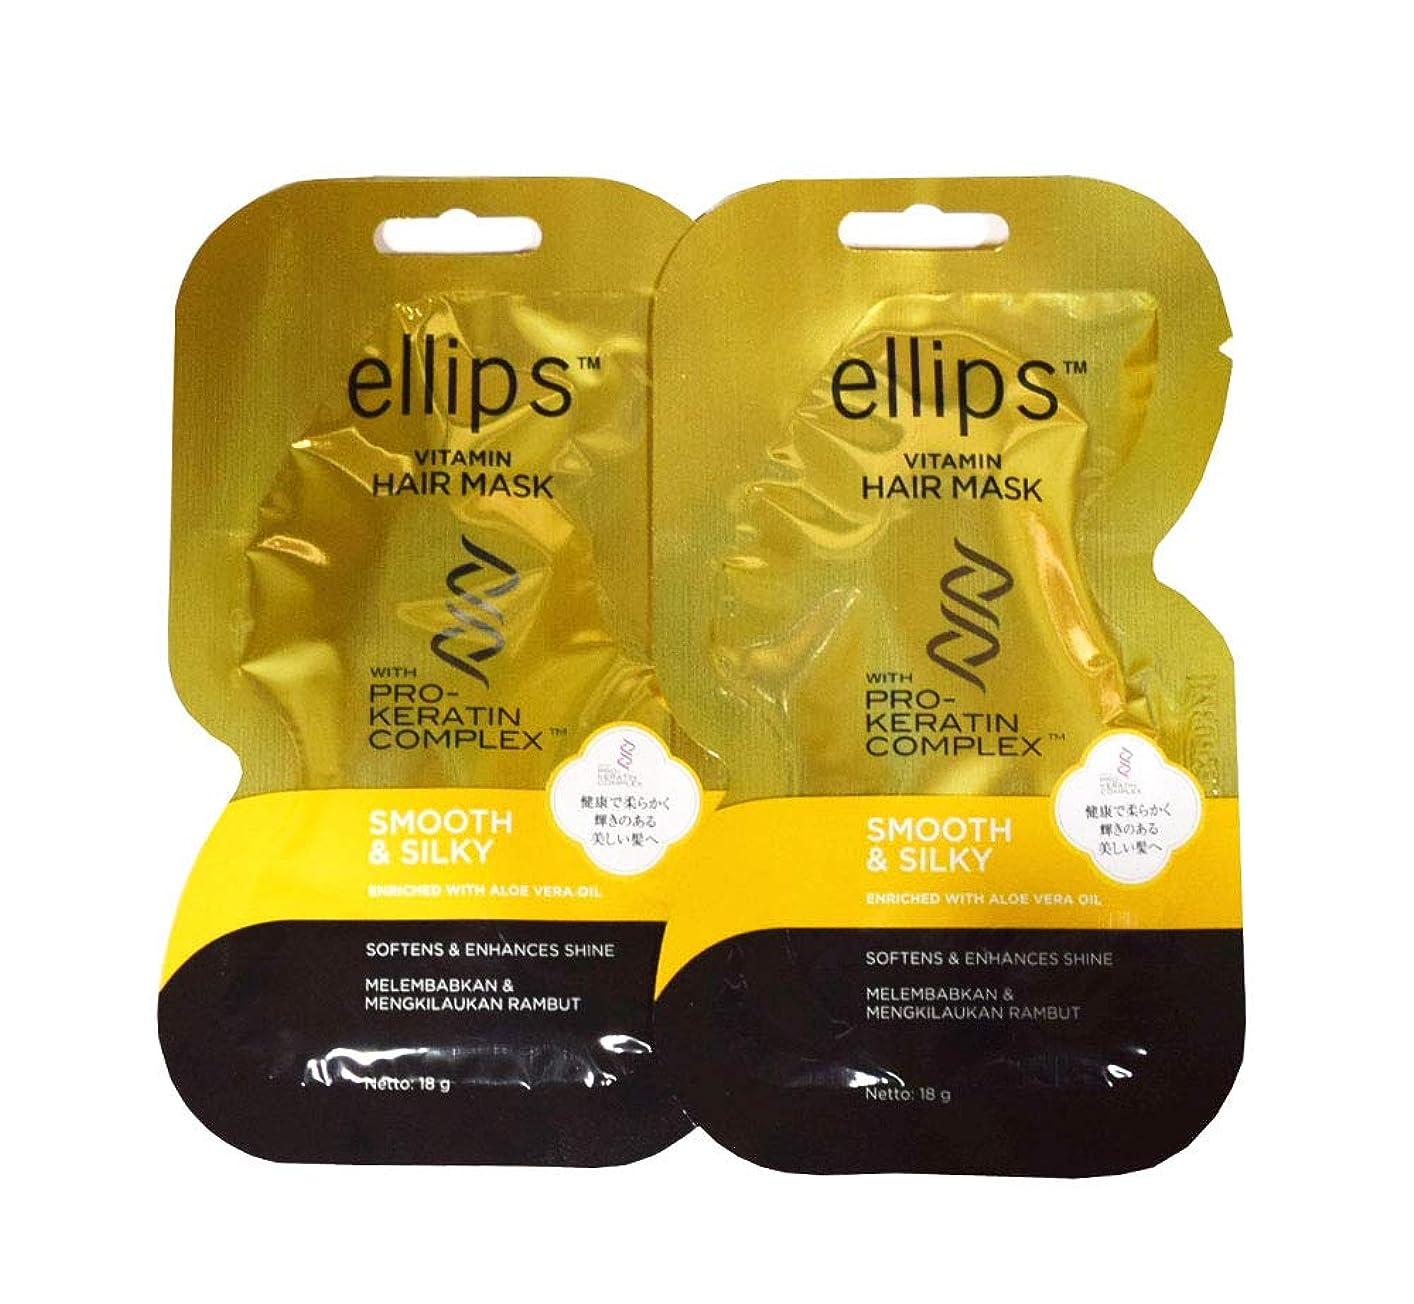 番号全滅させる相反するellips エリップス PRO KERATIN COMPLEX プロ用 ヘアマスク ヘアパック シートタイプ 洗い流すヘアトリートメント ピンク 日本語成分表記 正規品 (イエロー)